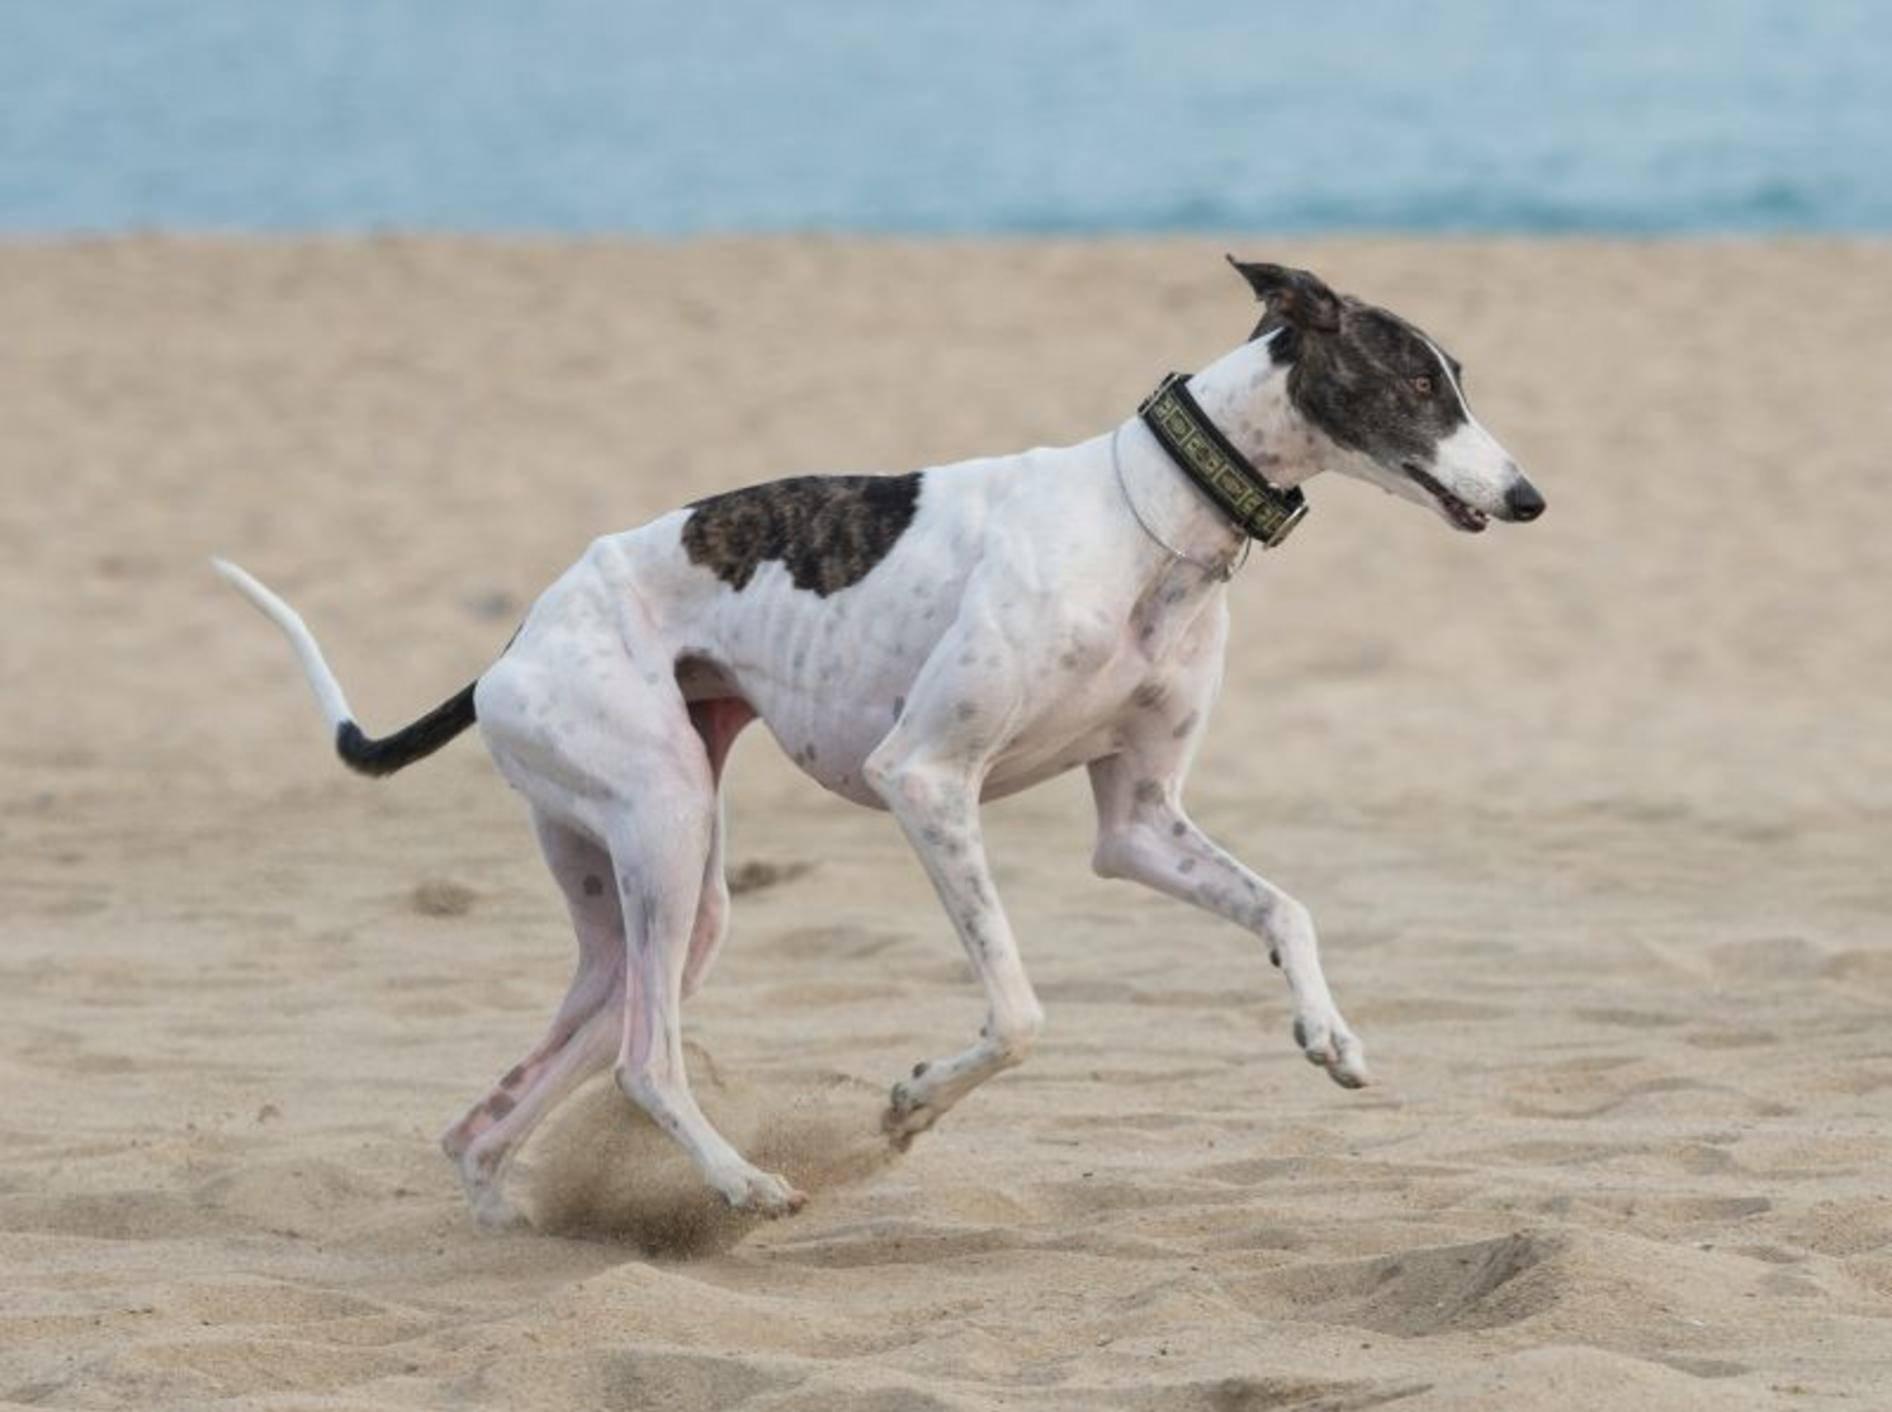 Ein Ausflug an den Strand macht dem Greyhound Spaß – Bild: Shutterstock / Tsik